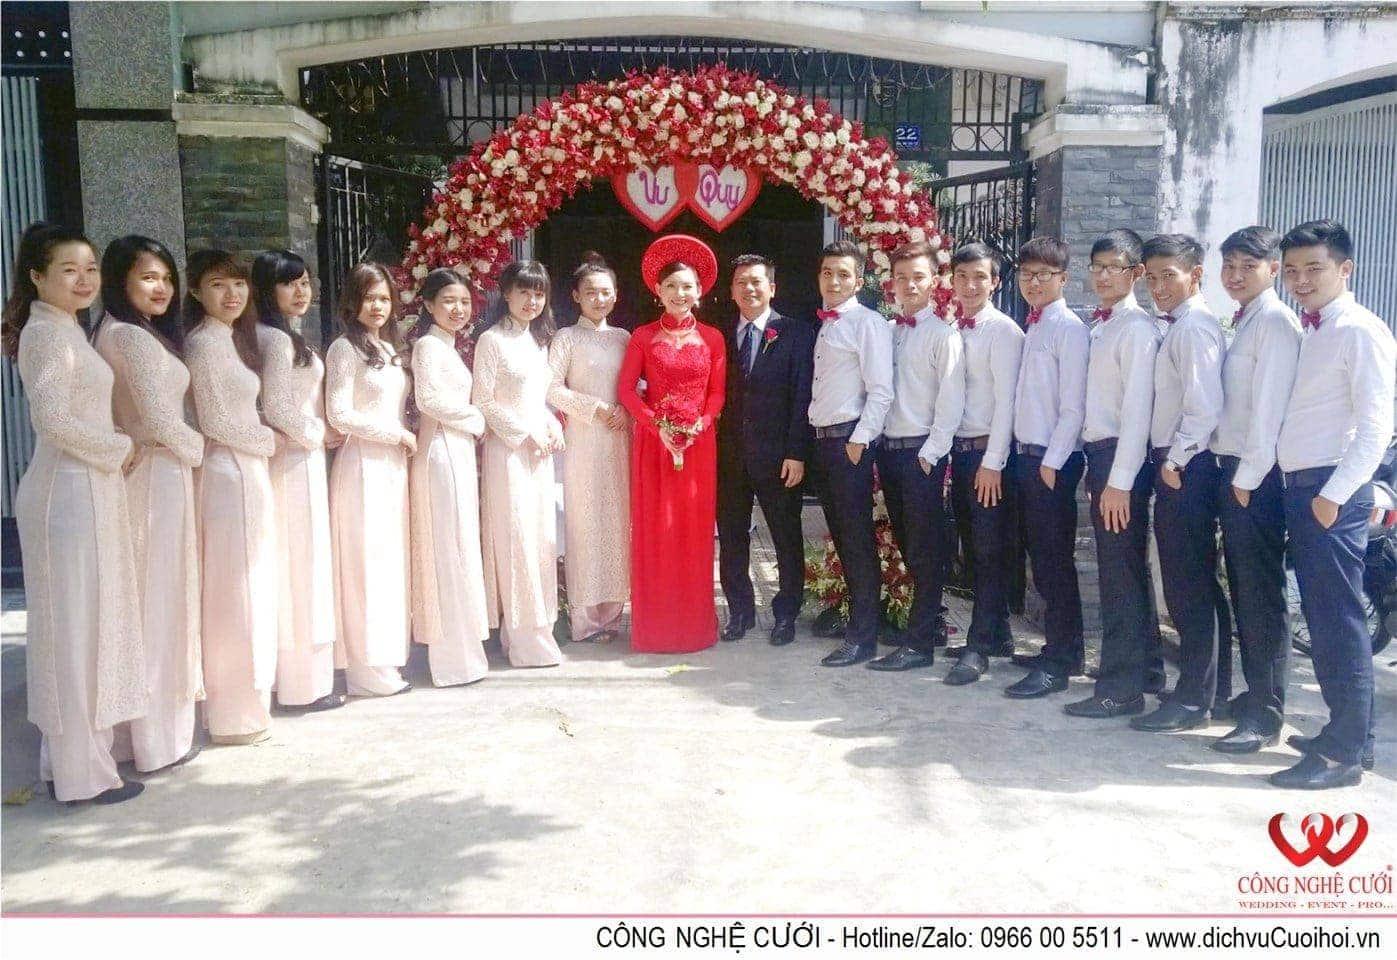 Dịch vụ cưới hỏi Quận Gò Vấp Tphcm - Công Nghệ Cưới